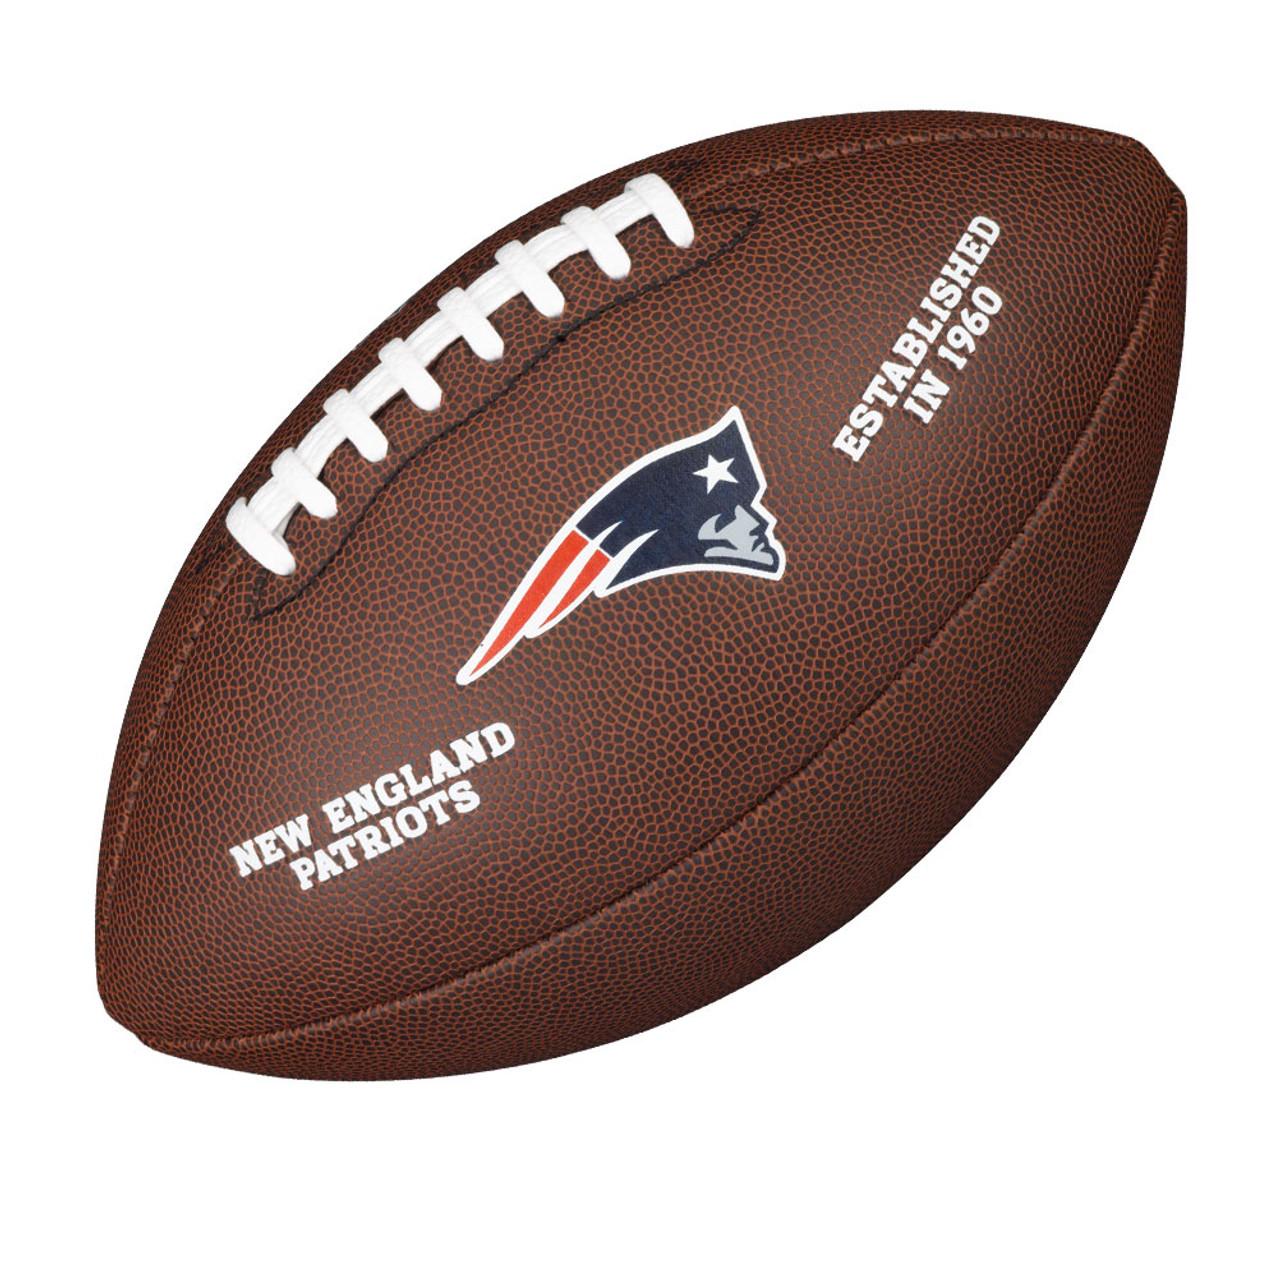 WILSON new england patriots NFL official senior composite american ... 1629c51786e